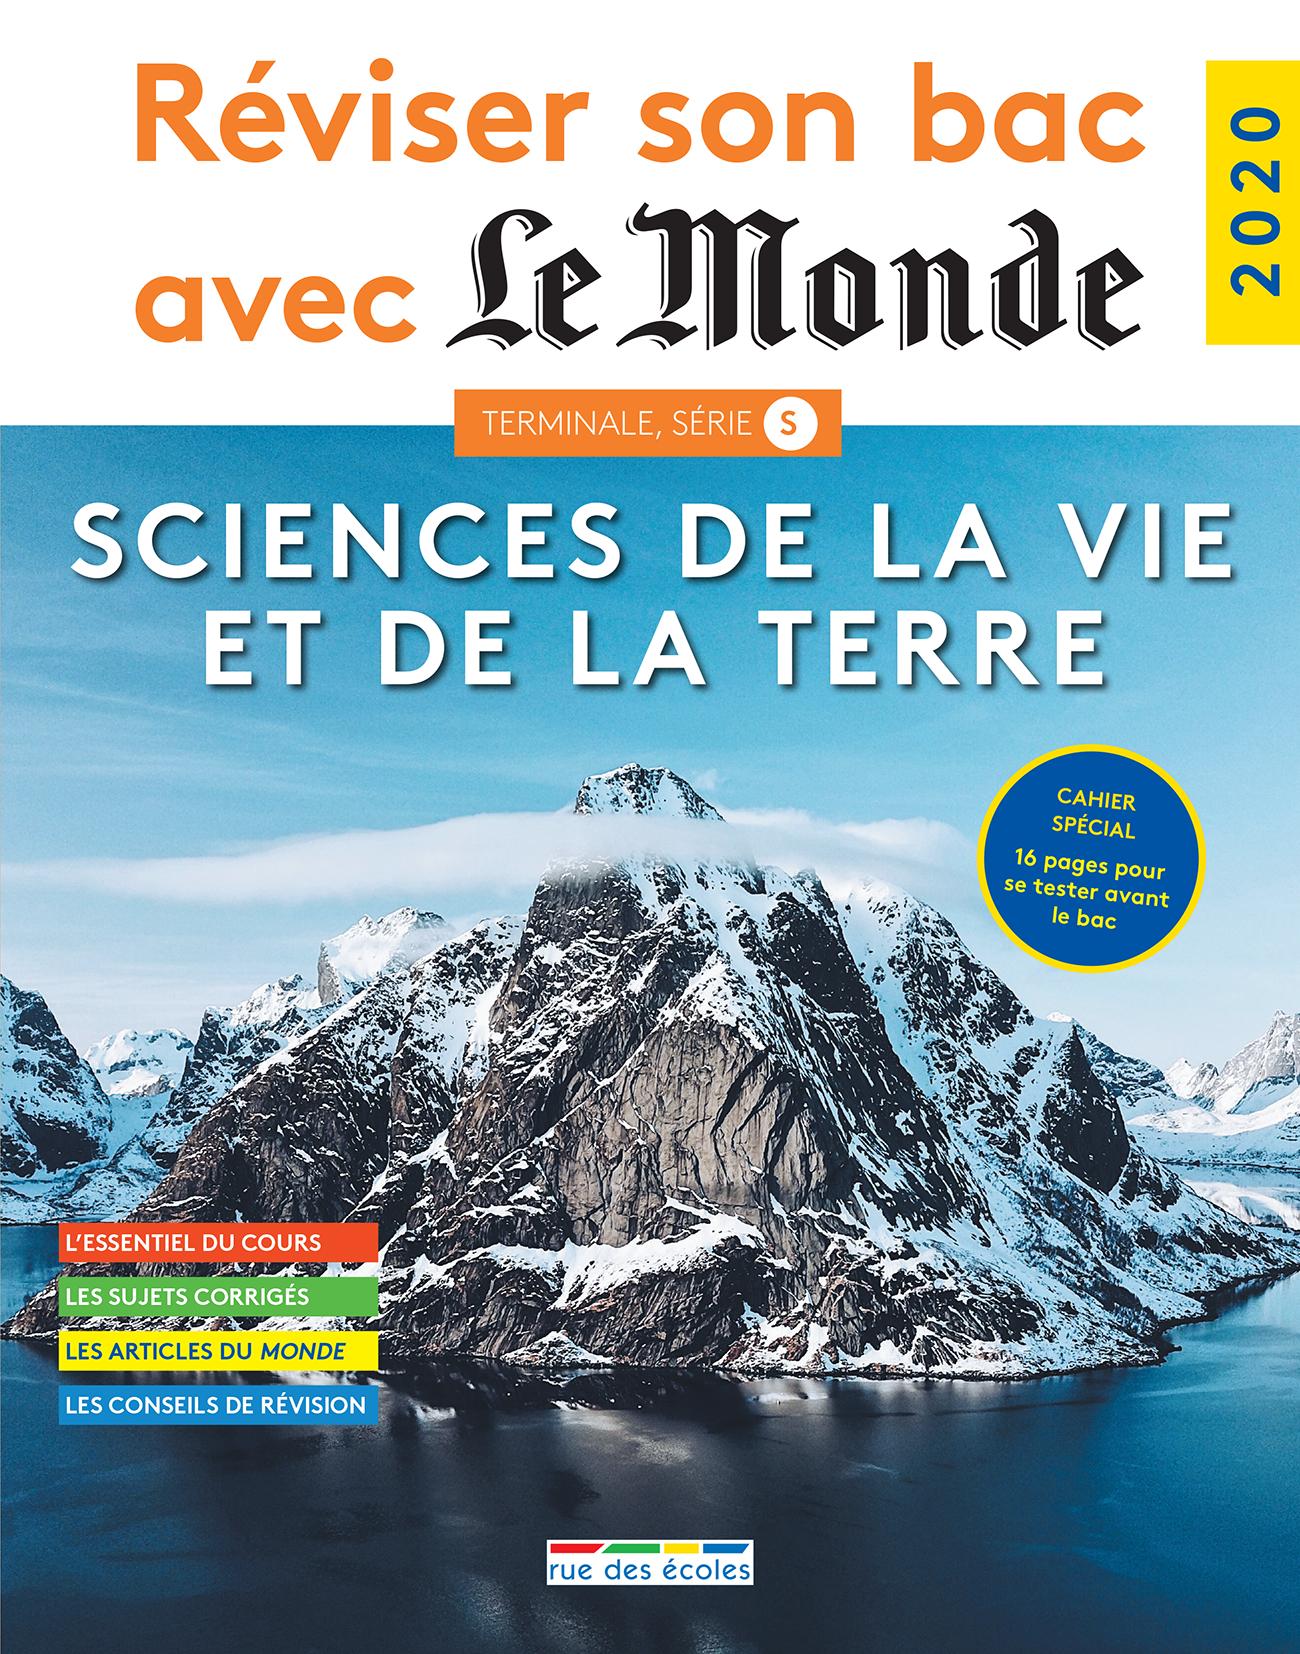 REVISER SON BAC AVEC LE MONDE 2020 SCIENCES DE LA VIE ET DE LA TERRE